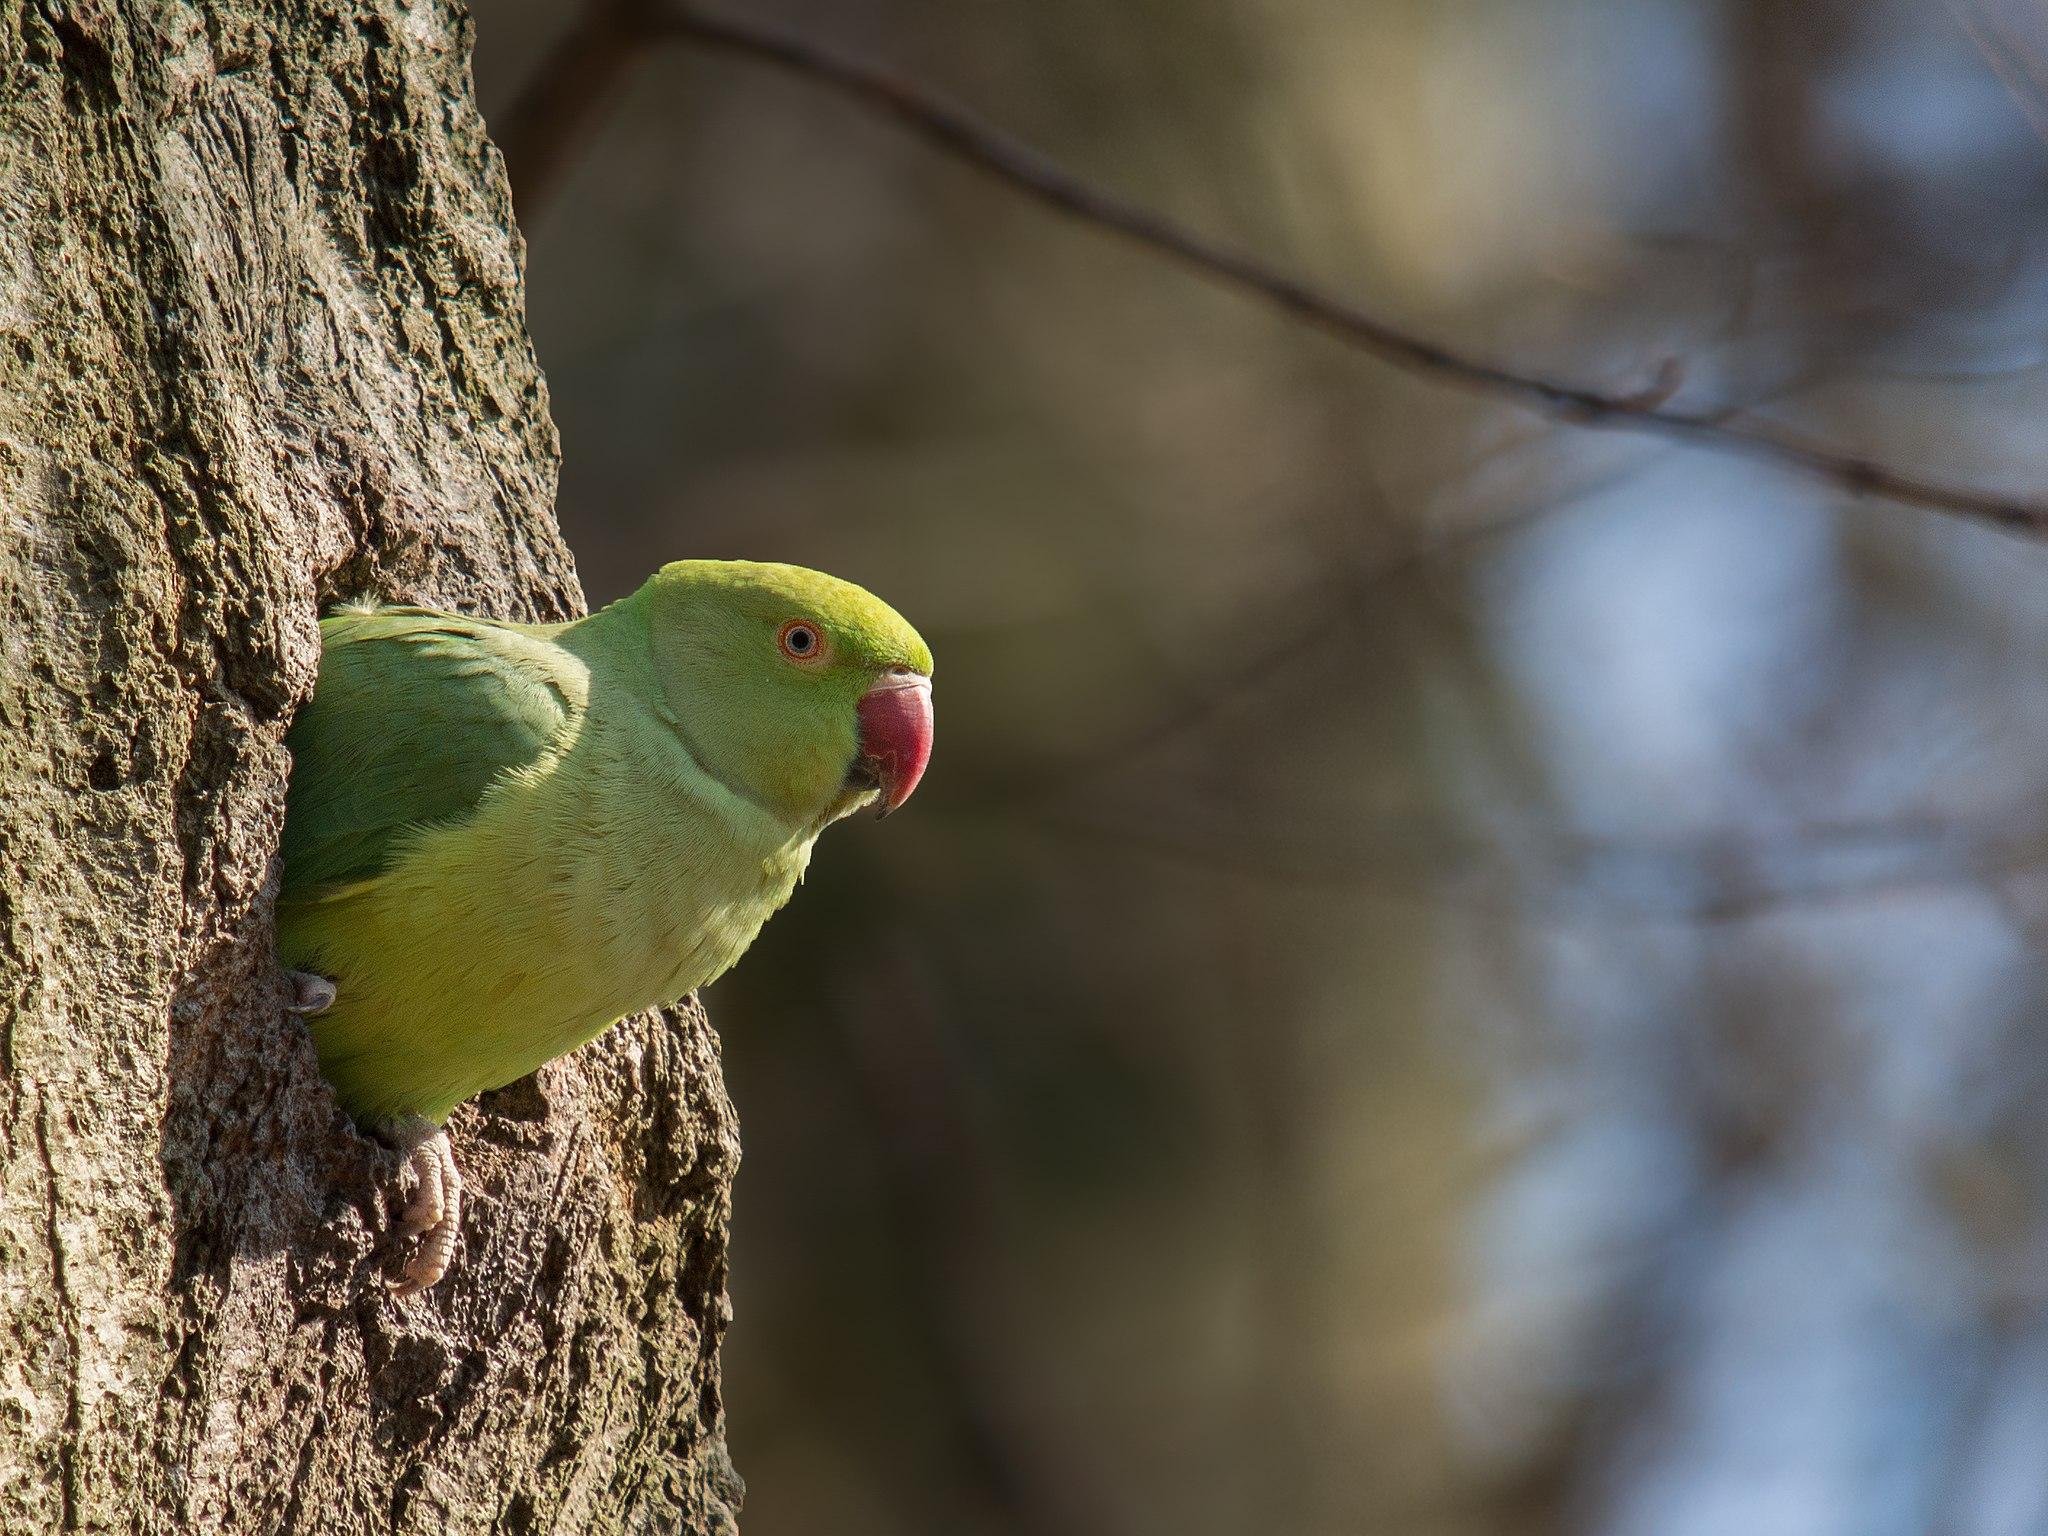 Rose-ringed Parakeet (Psittacula krameri) at Parc de Woluwe, Brussels, Belgium.